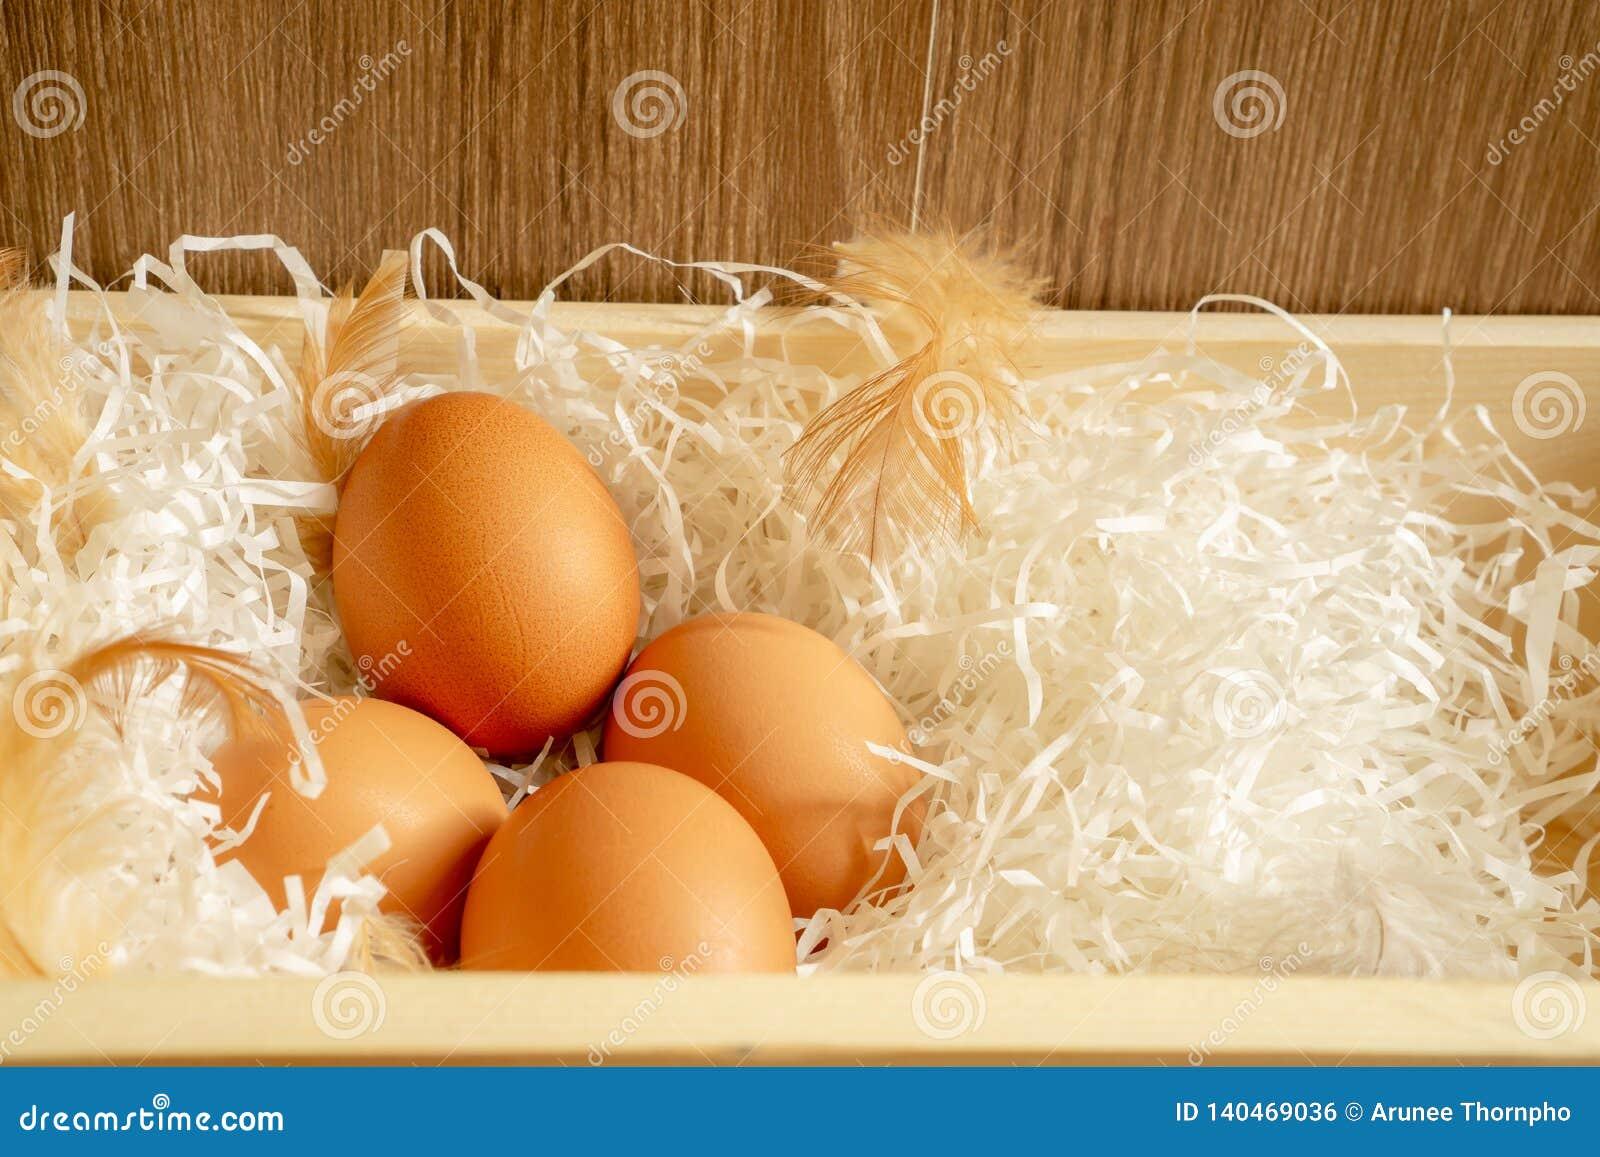 Os quatro ovos da galinha marrom e a pena da galinha no papel shredded branco na cesta de madeira e no fundo marrom